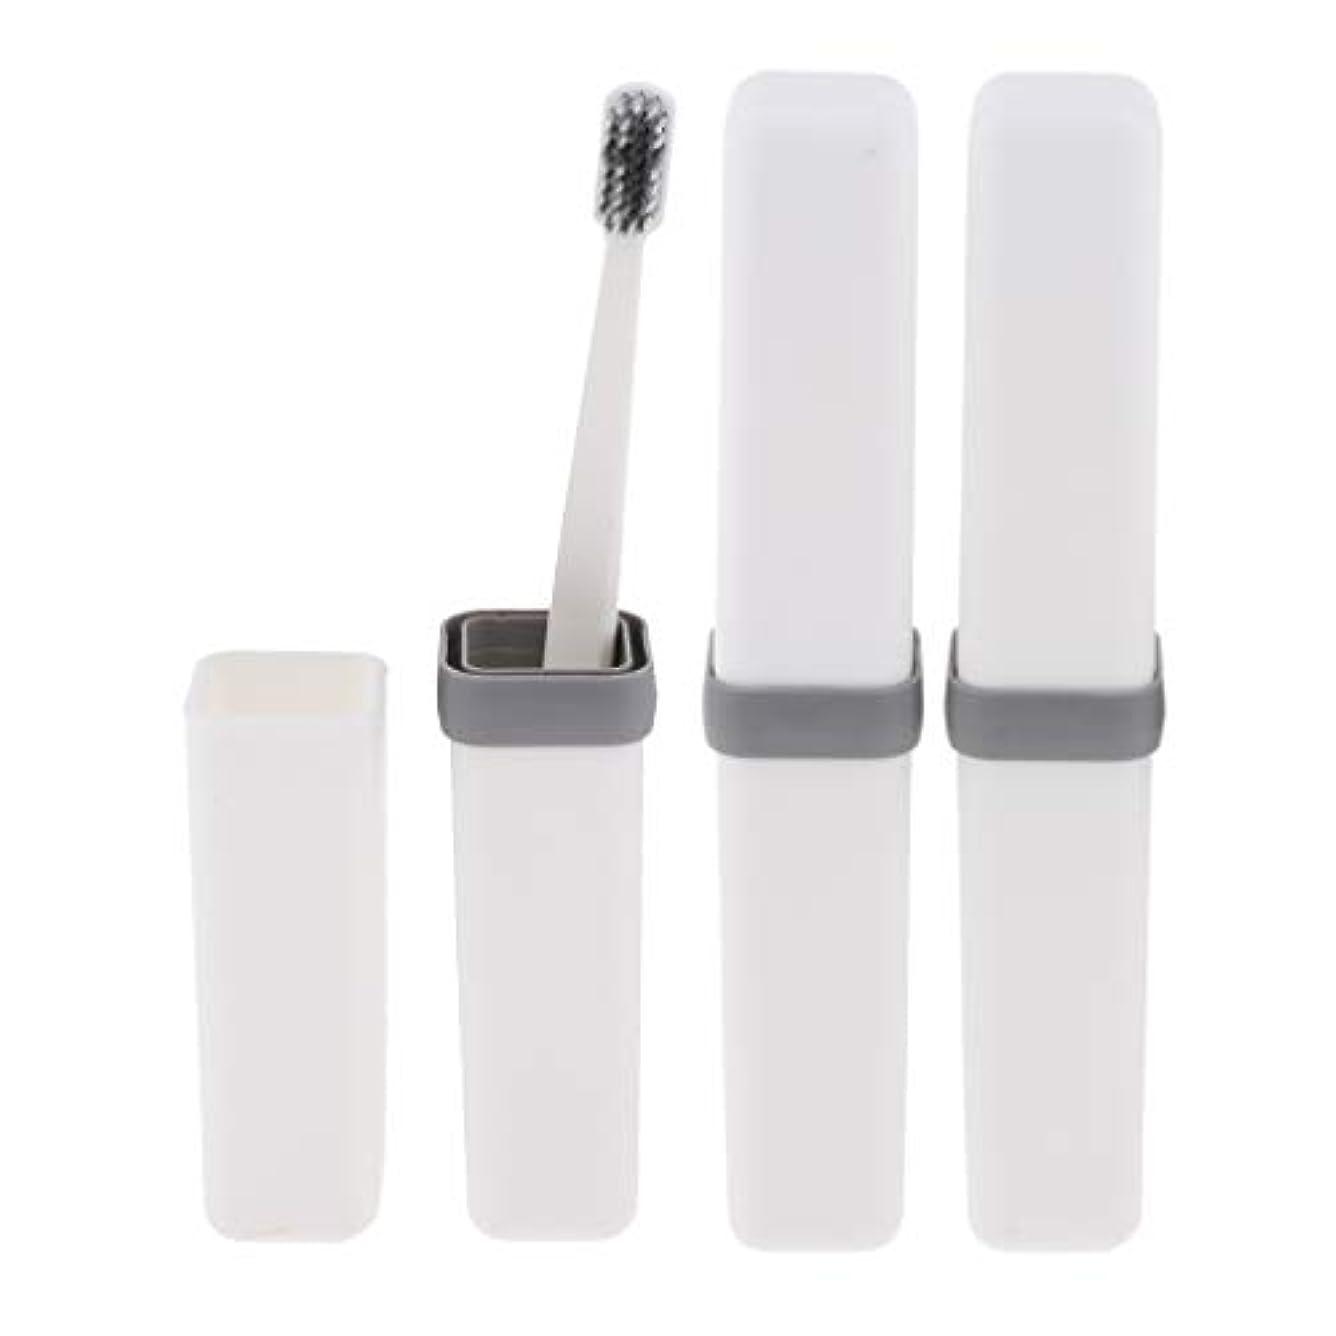 代表する回るアプライアンス歯ブラシ 歯磨き 歯清潔 収納ボックス付 旅行 キャンプ 学校 軽量 携帯 実用的 3個 全4色 - 白